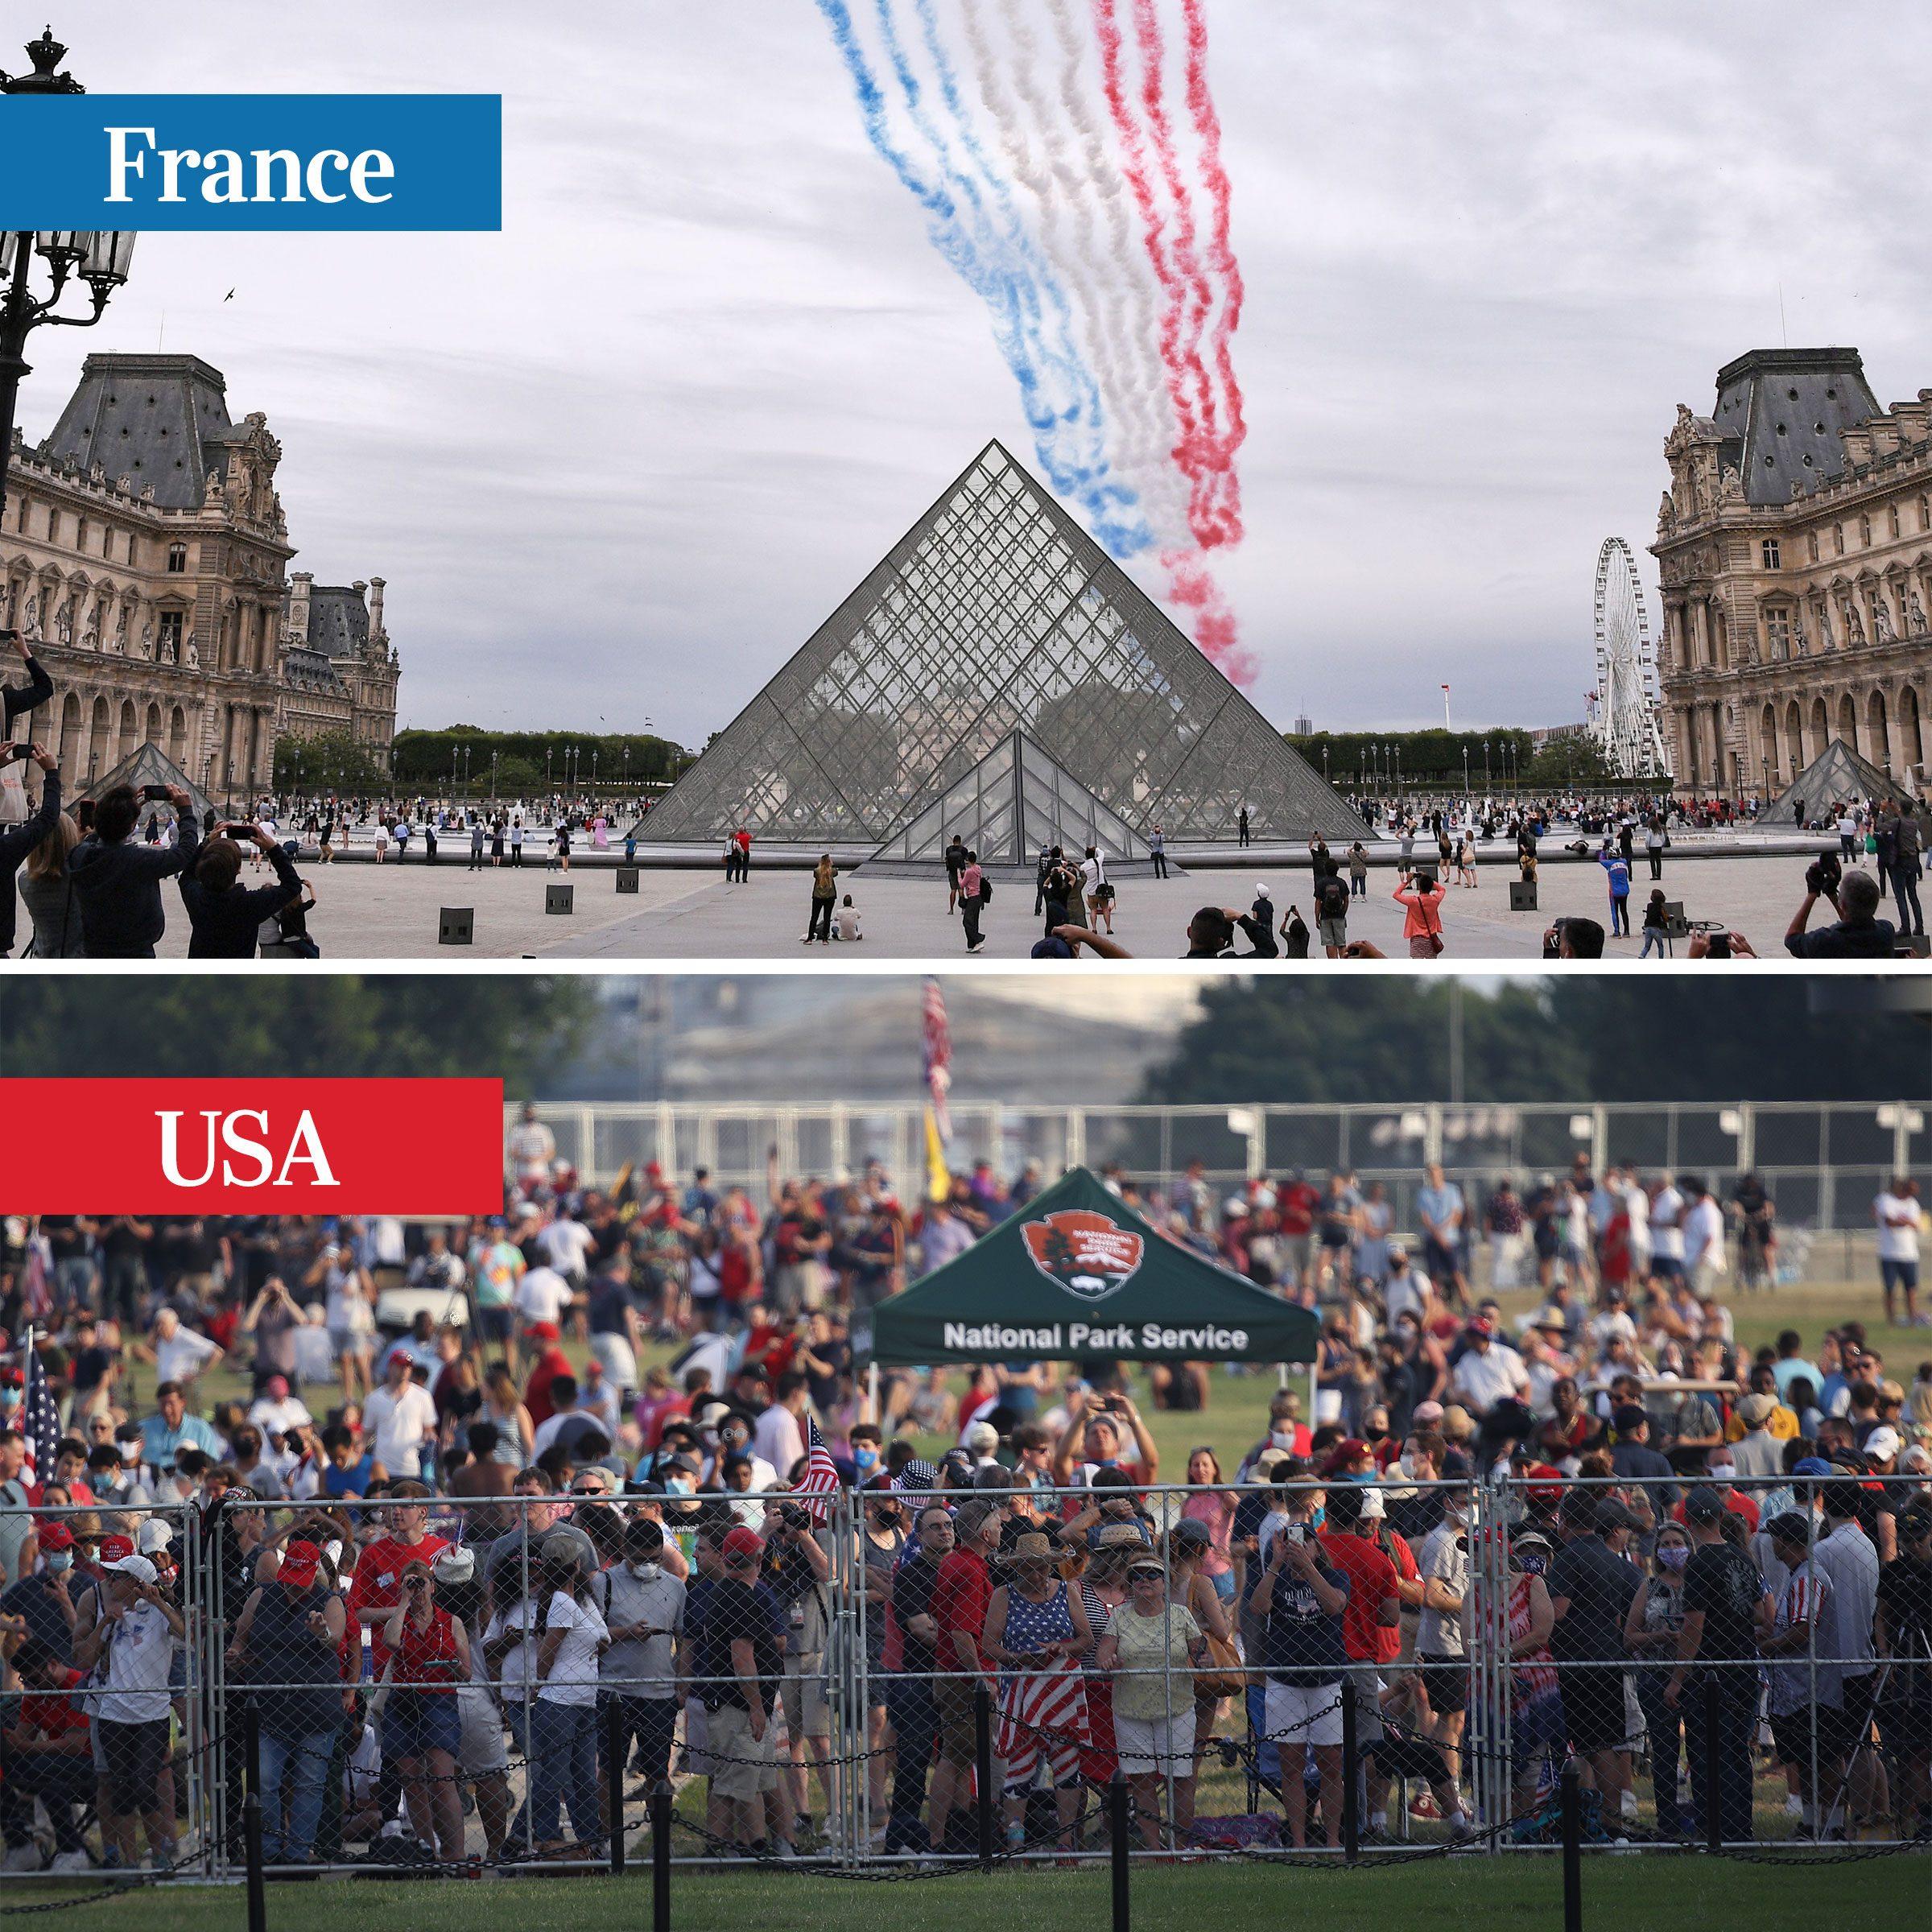 france vs usa - summer holidays